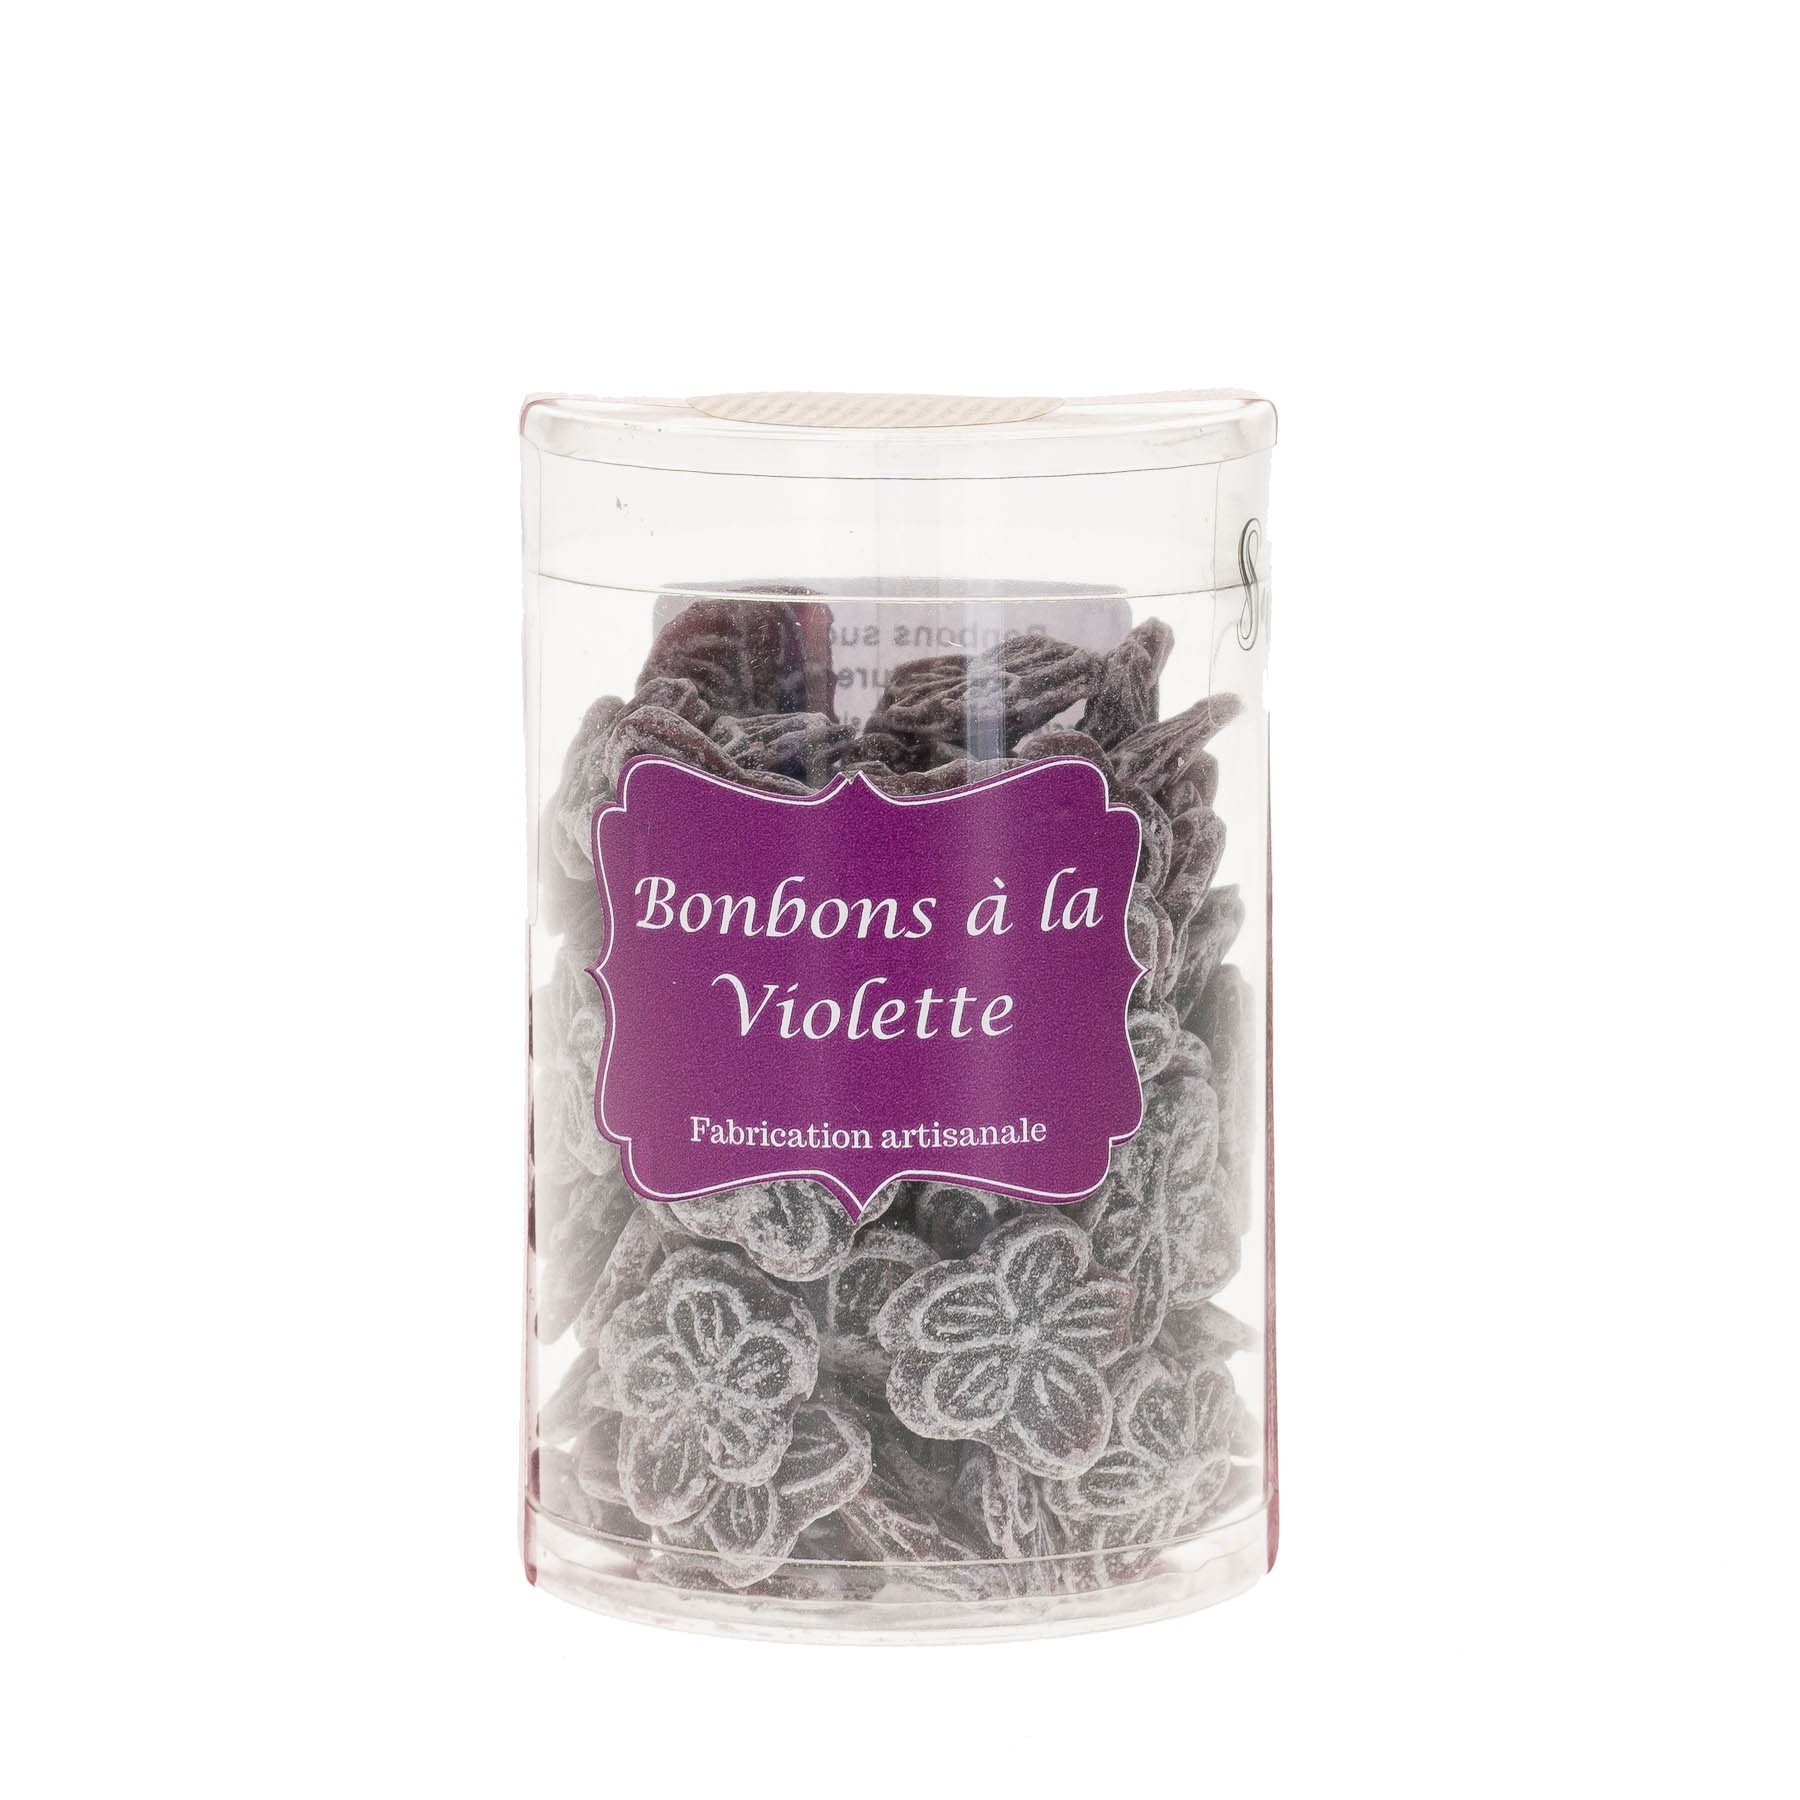 Bonbons à la Violette, 200g